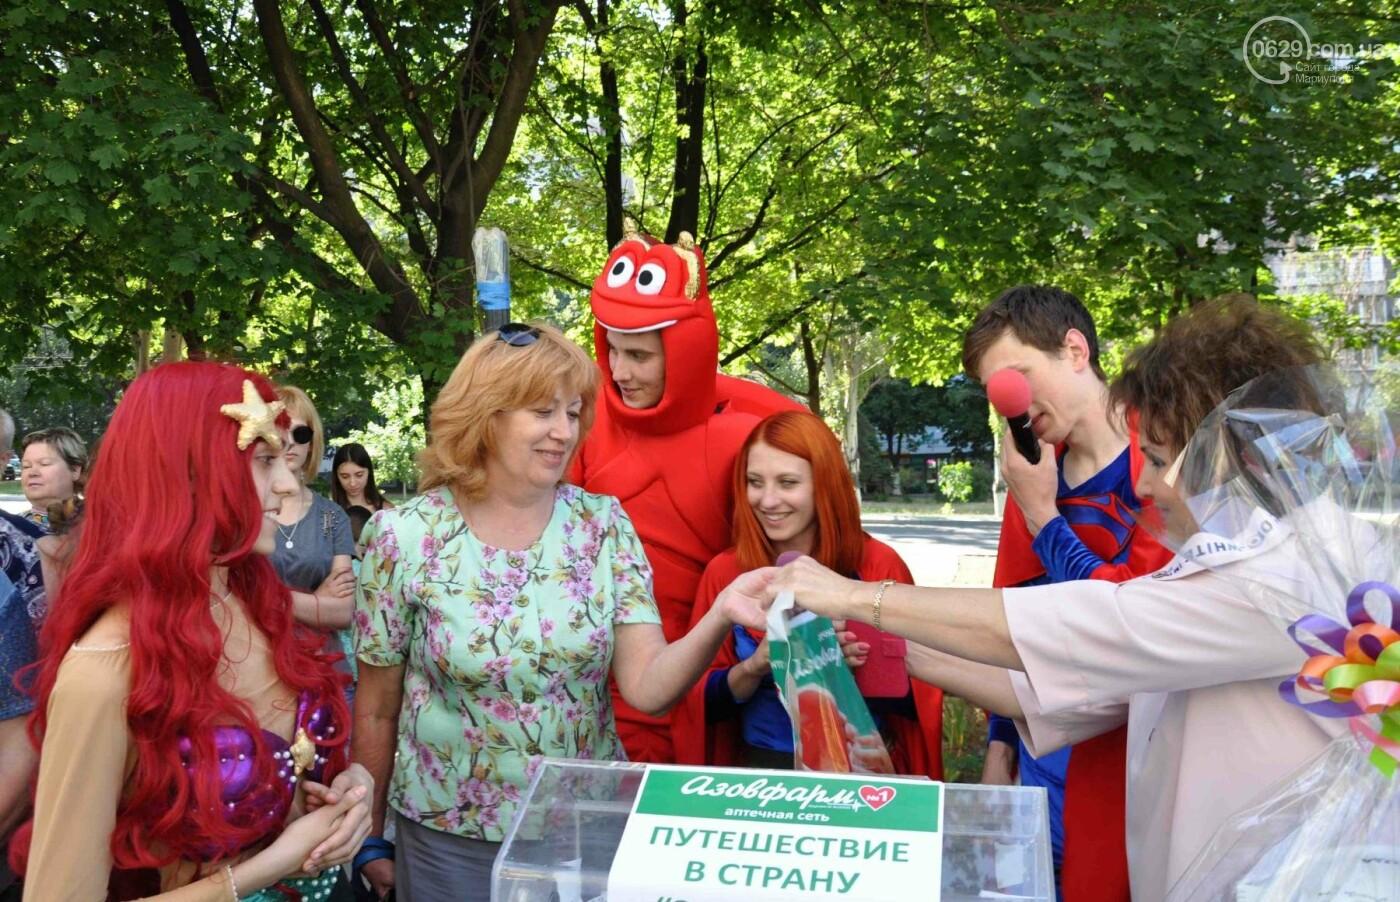 В аптеке «Азовфарм» провели праздник для детей и разыграли призы, фото-34